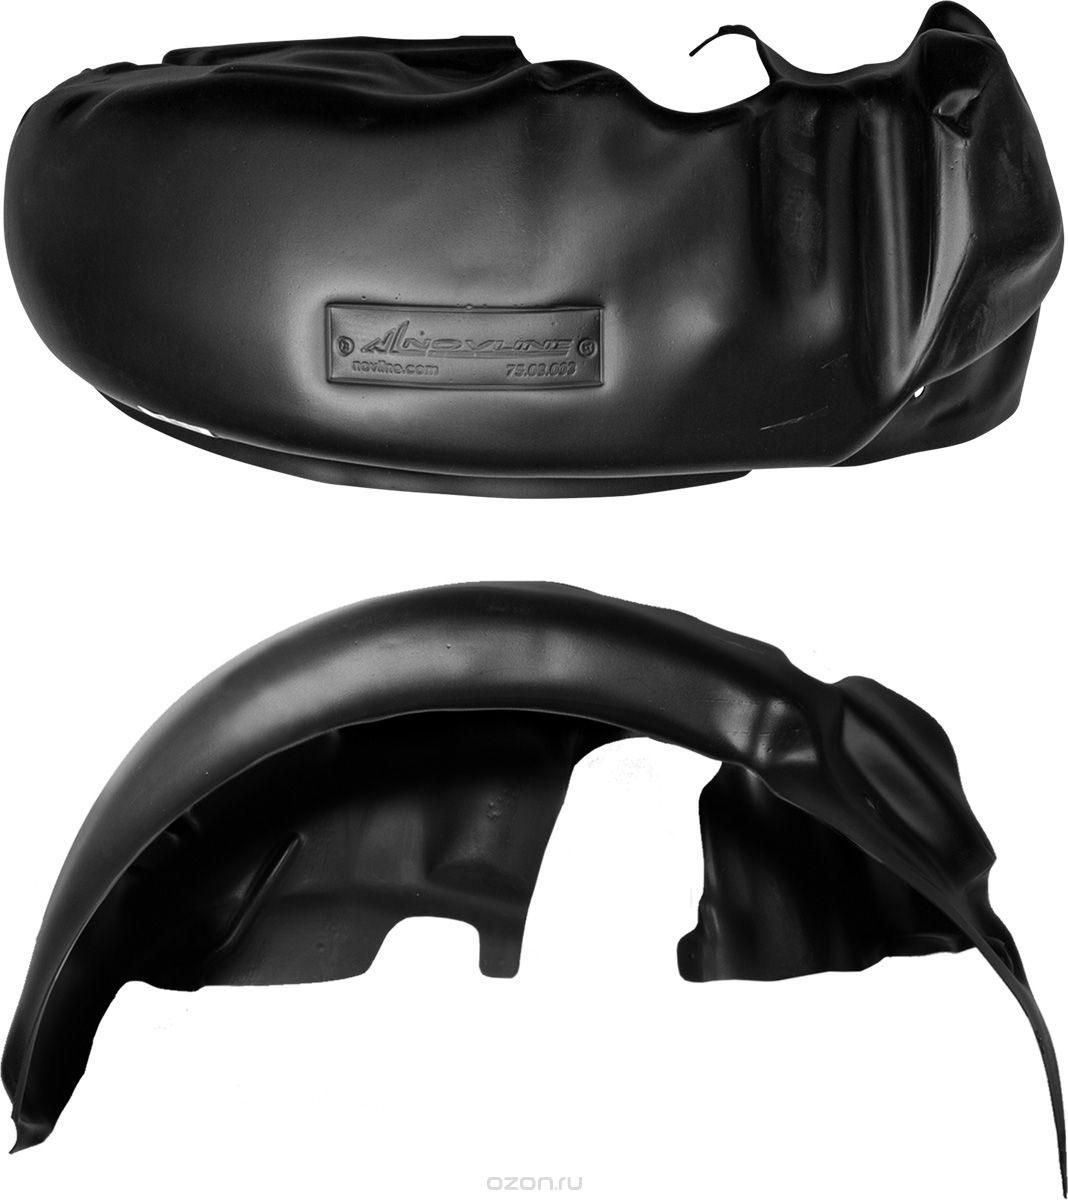 Подкрылок Novline-Autofamily, для ВАЗ 2110, 1995-2007, задний правый000514Идеальная защита колесной ниши. Локеры разработаны с применением цифровых технологий, гарантируют максимальную повторяемость поверхности арки. Изделия устанавливаются без нарушения лакокрасочного покрытия автомобиля, каждый подкрылок комплектуется крепежом. Уважаемые клиенты, обращаем ваше внимание, что фотографии на подкрылки универсальные и не отражают реальную форму изделия. При этом само изделие идет точно под размер указанного автомобиля.